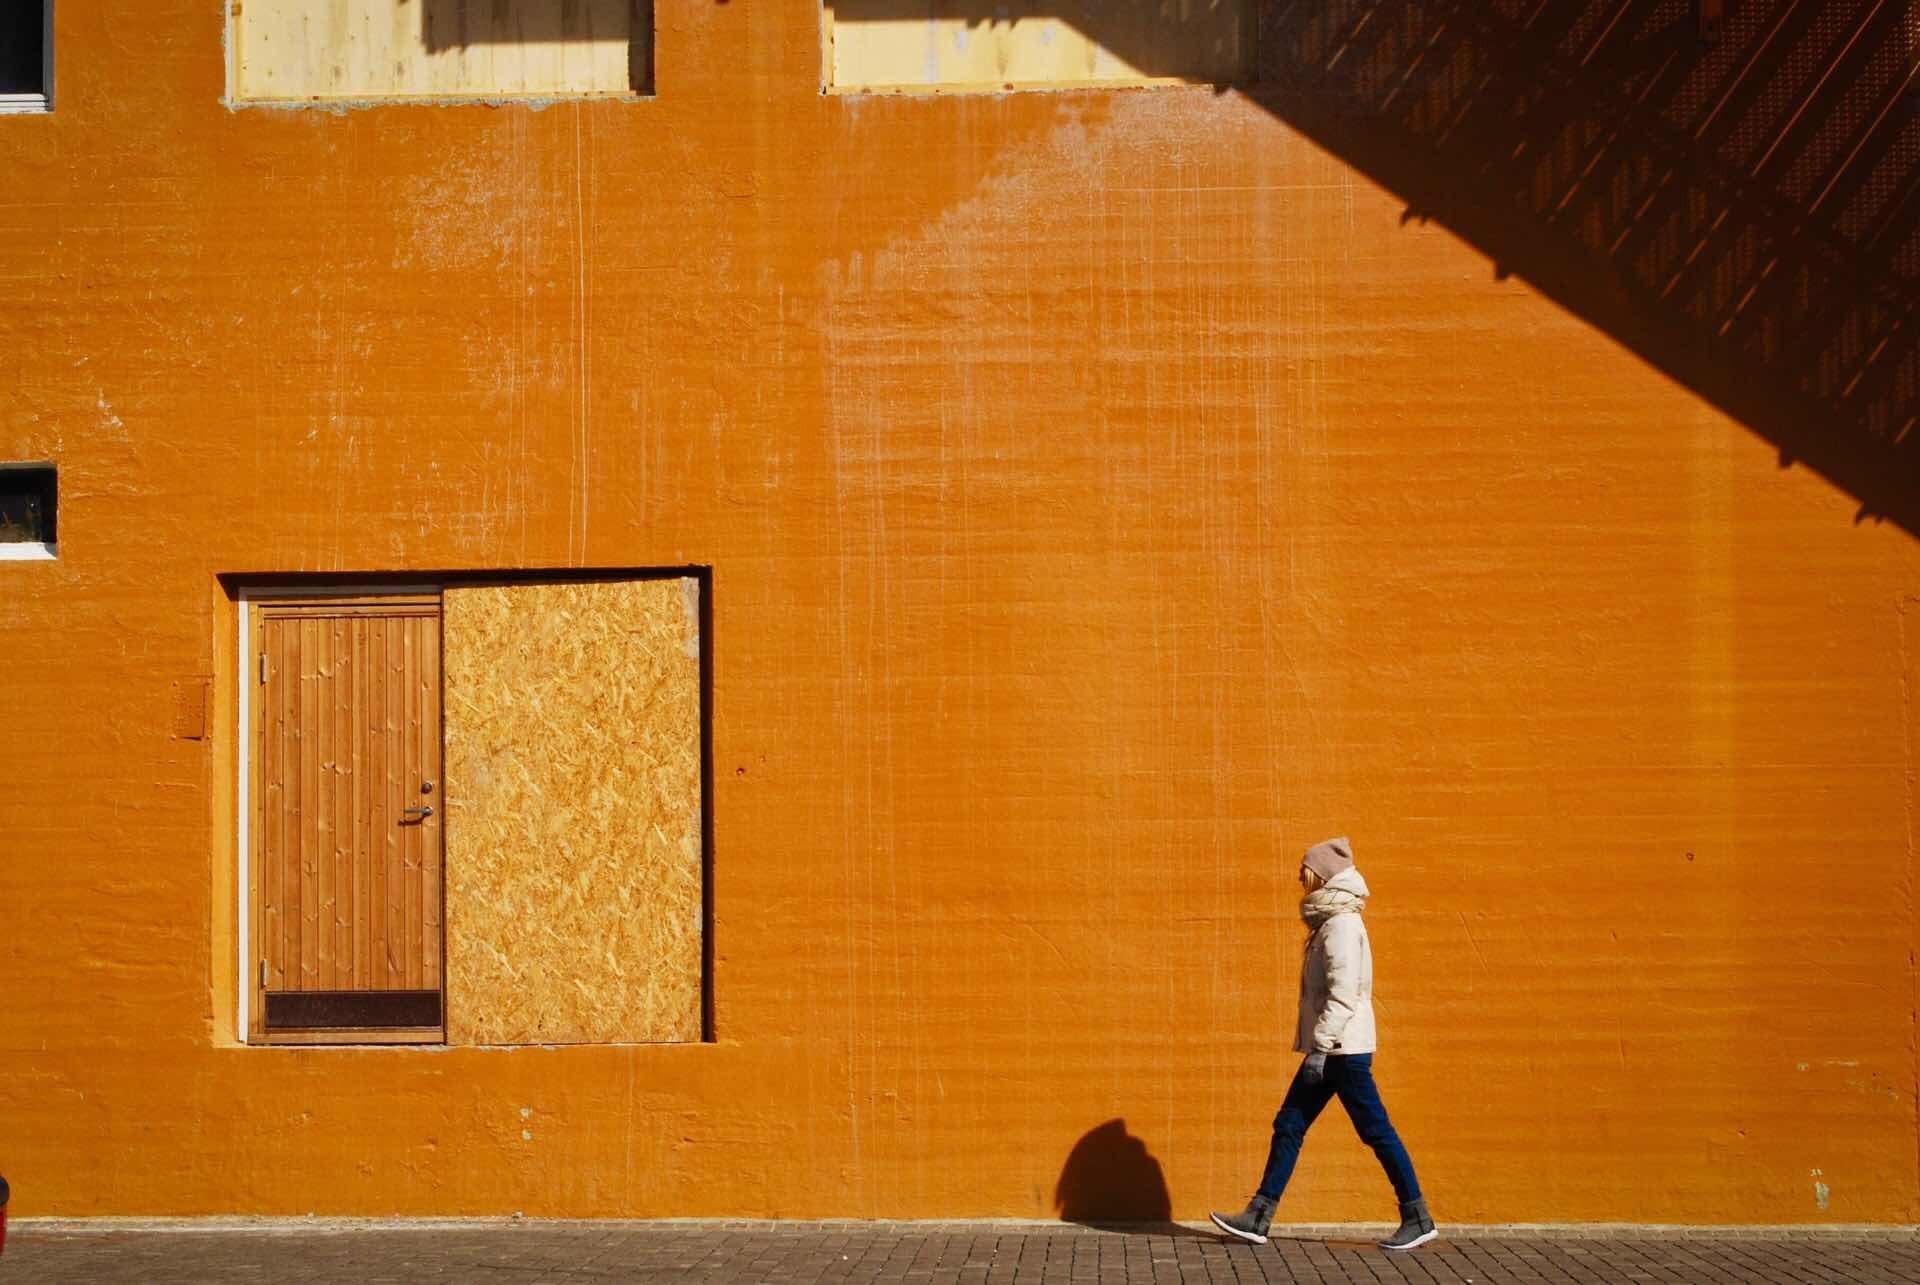 everyday-carry-unabashedly-orange-guide-hero-tatiana-diakova